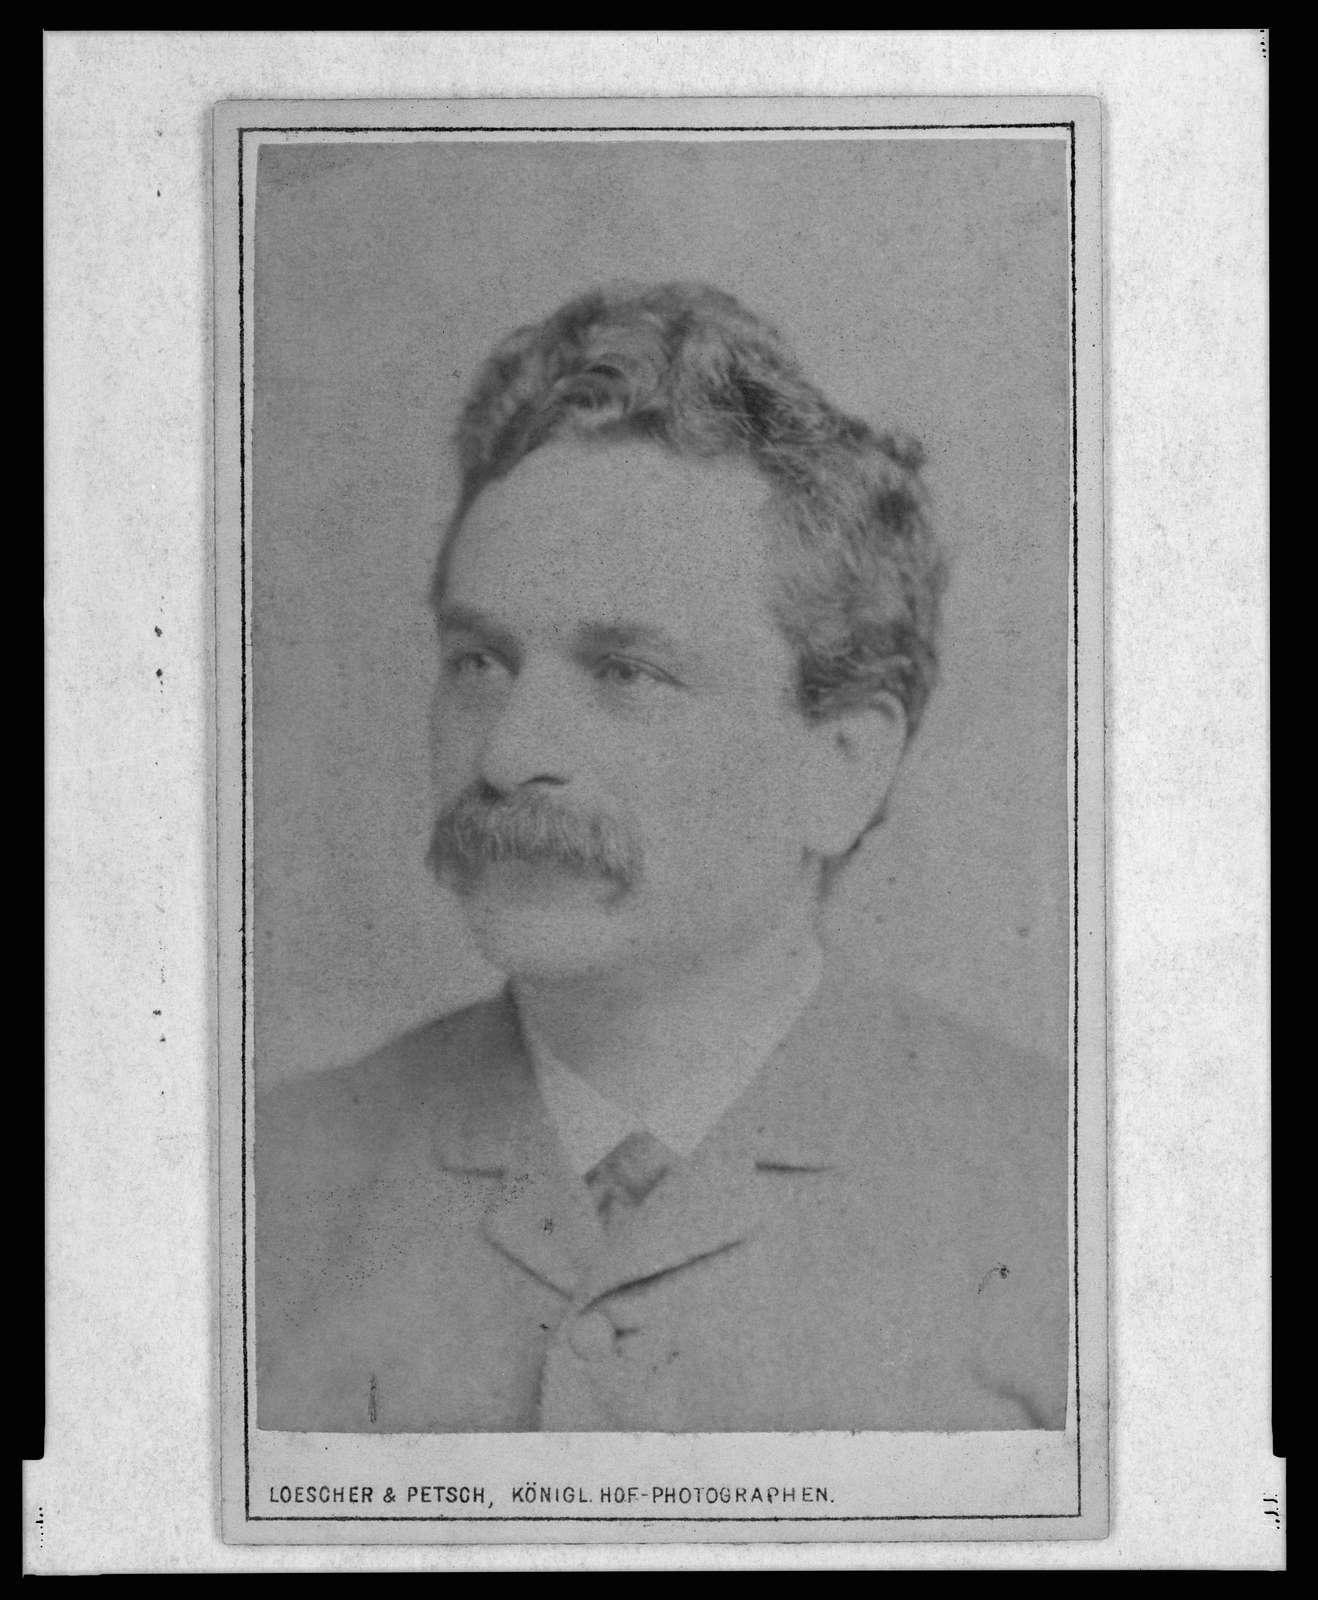 [Emil Blum, head-and-shoulders portrait, facing left] / Loescher & Petsch, Königl. Hof-Photographen.